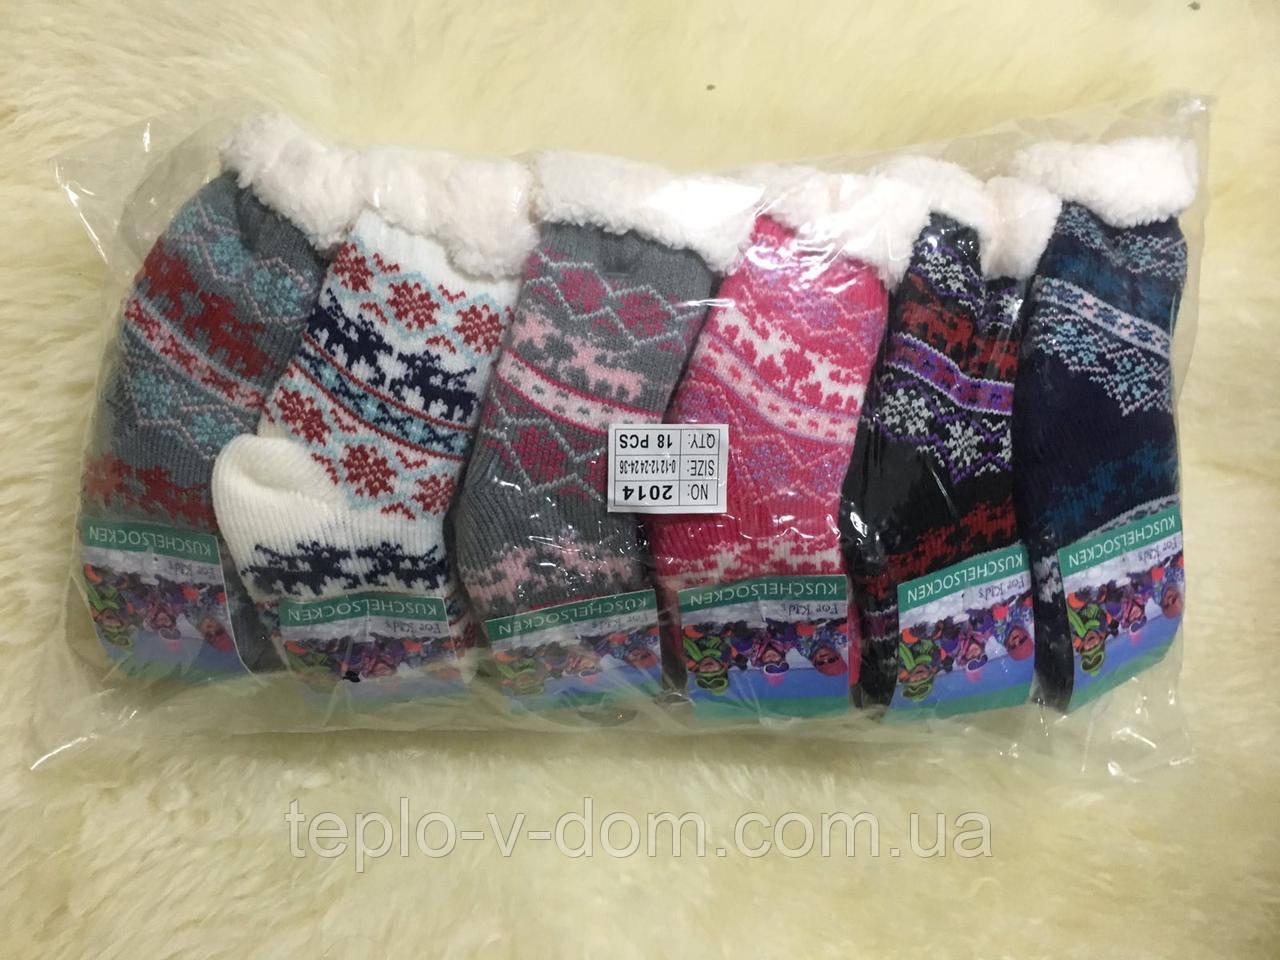 Шерстяные носки на меху детские 0-12,12-24,24-36мес